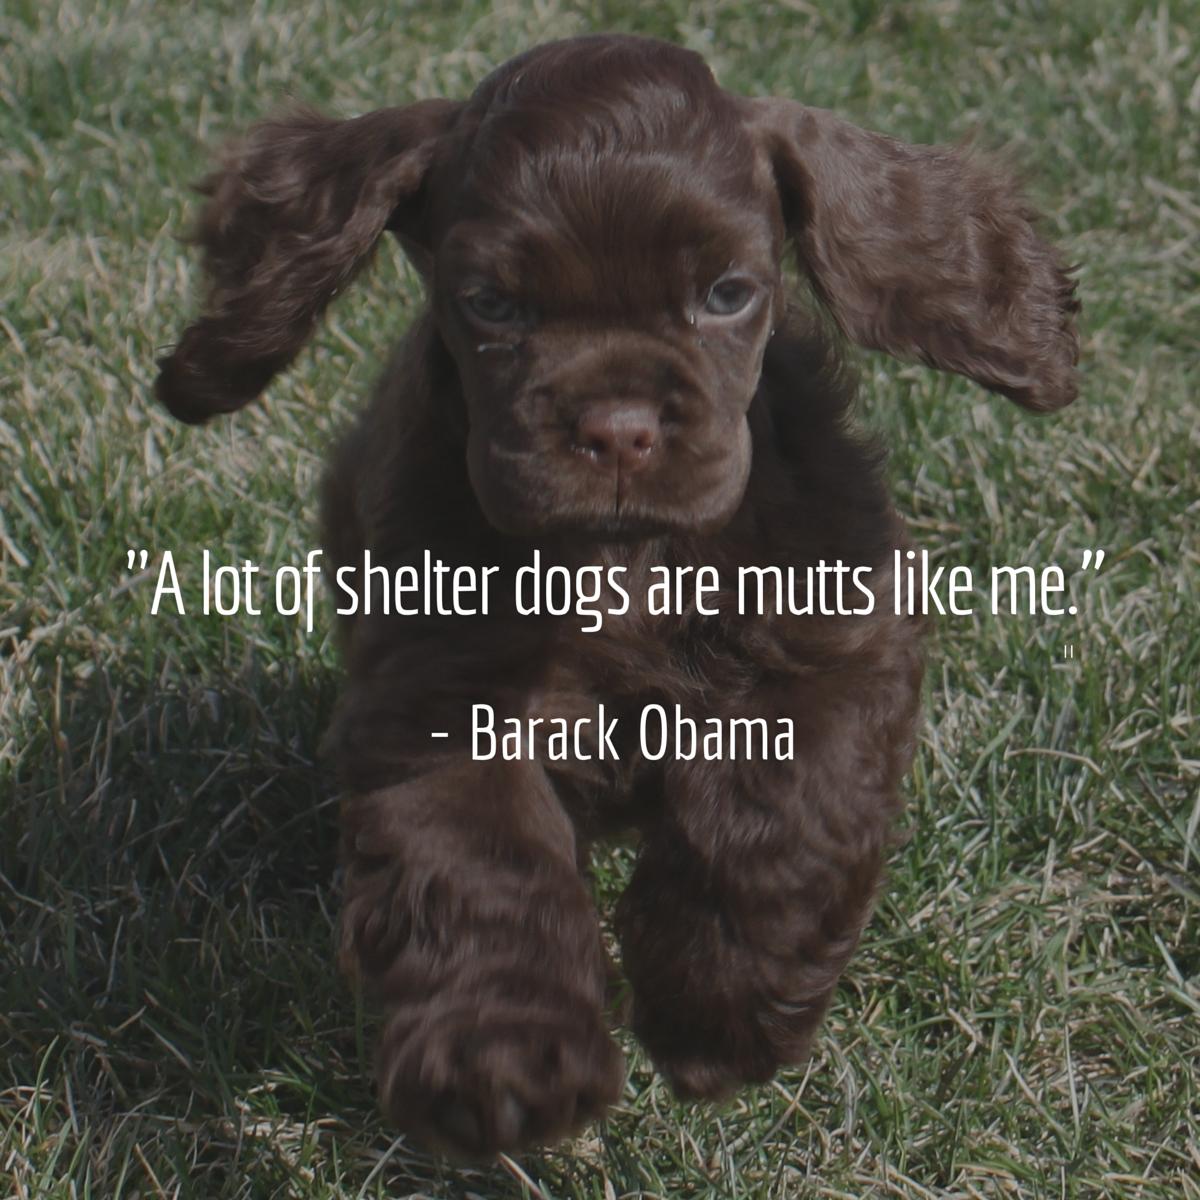 cita de perro obama